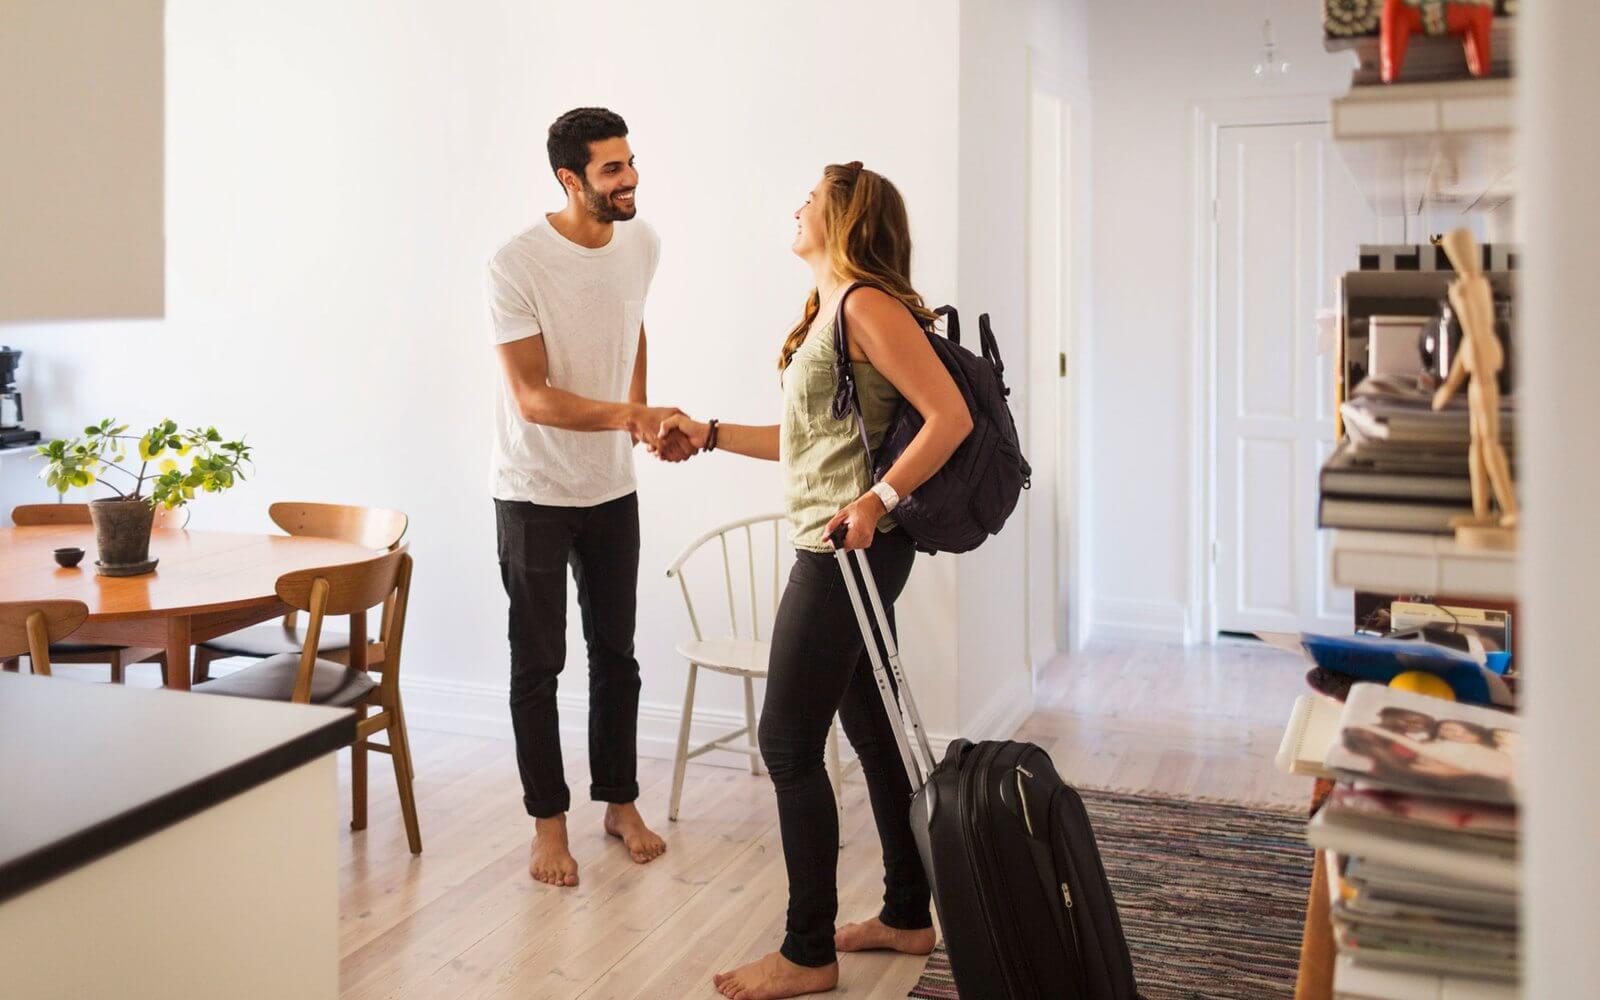 Airbnb espera acomodar mais de 2 milhões de pessoas no réveillon